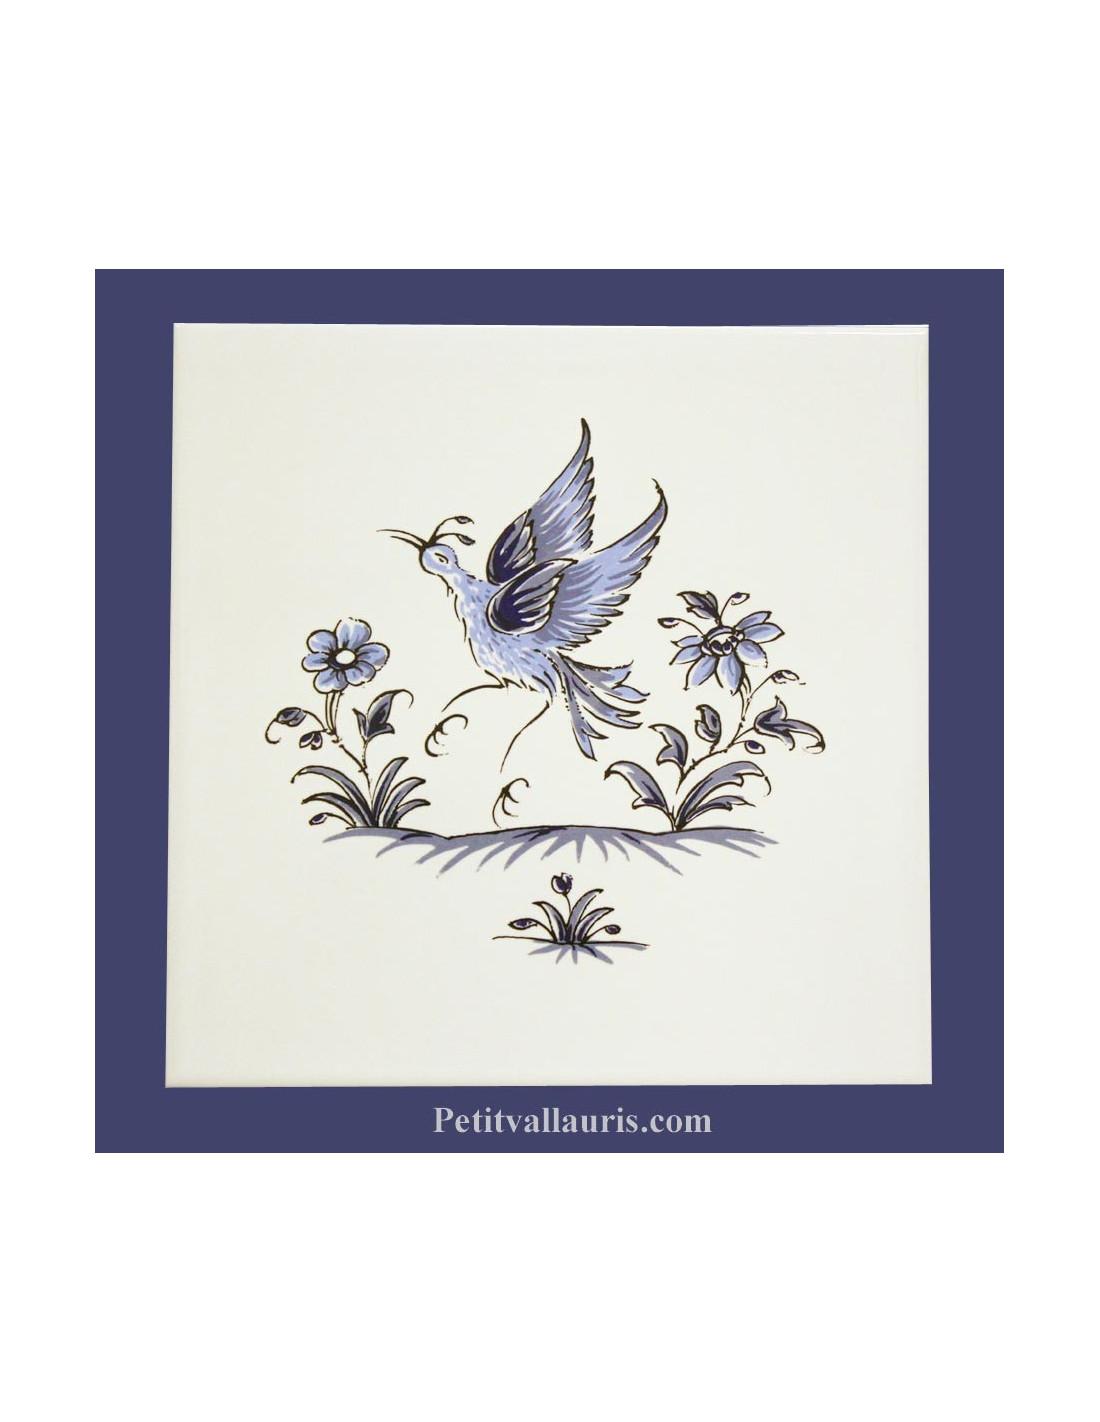 Carrelage mural pour cuisine et salle de bain au d cor oiseau de paradis inspiration moustiers bleu - Decor mural salle de bain ...